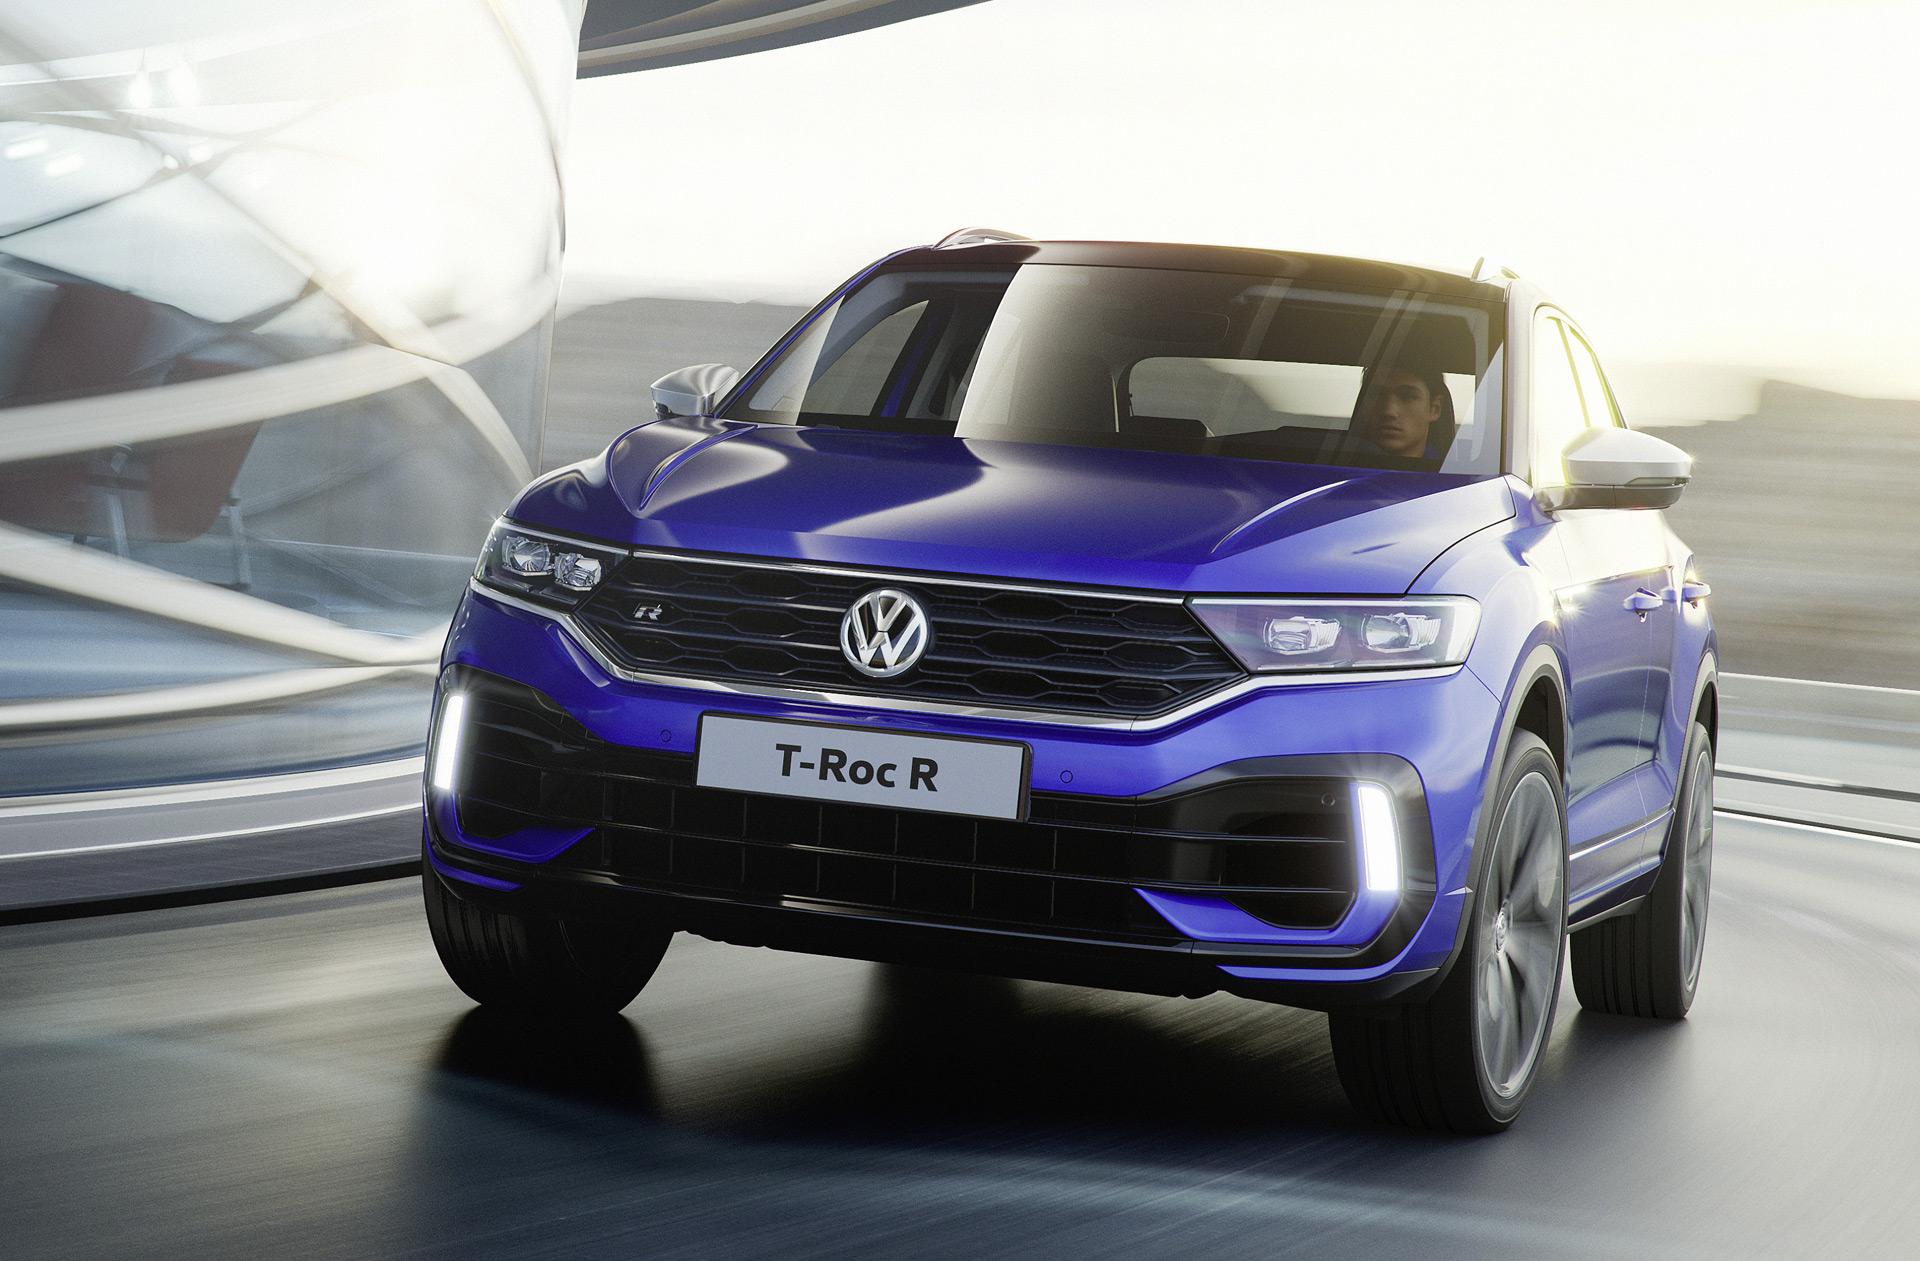 2019 Volkswagen T-Roc R Front Wallpapers (2)